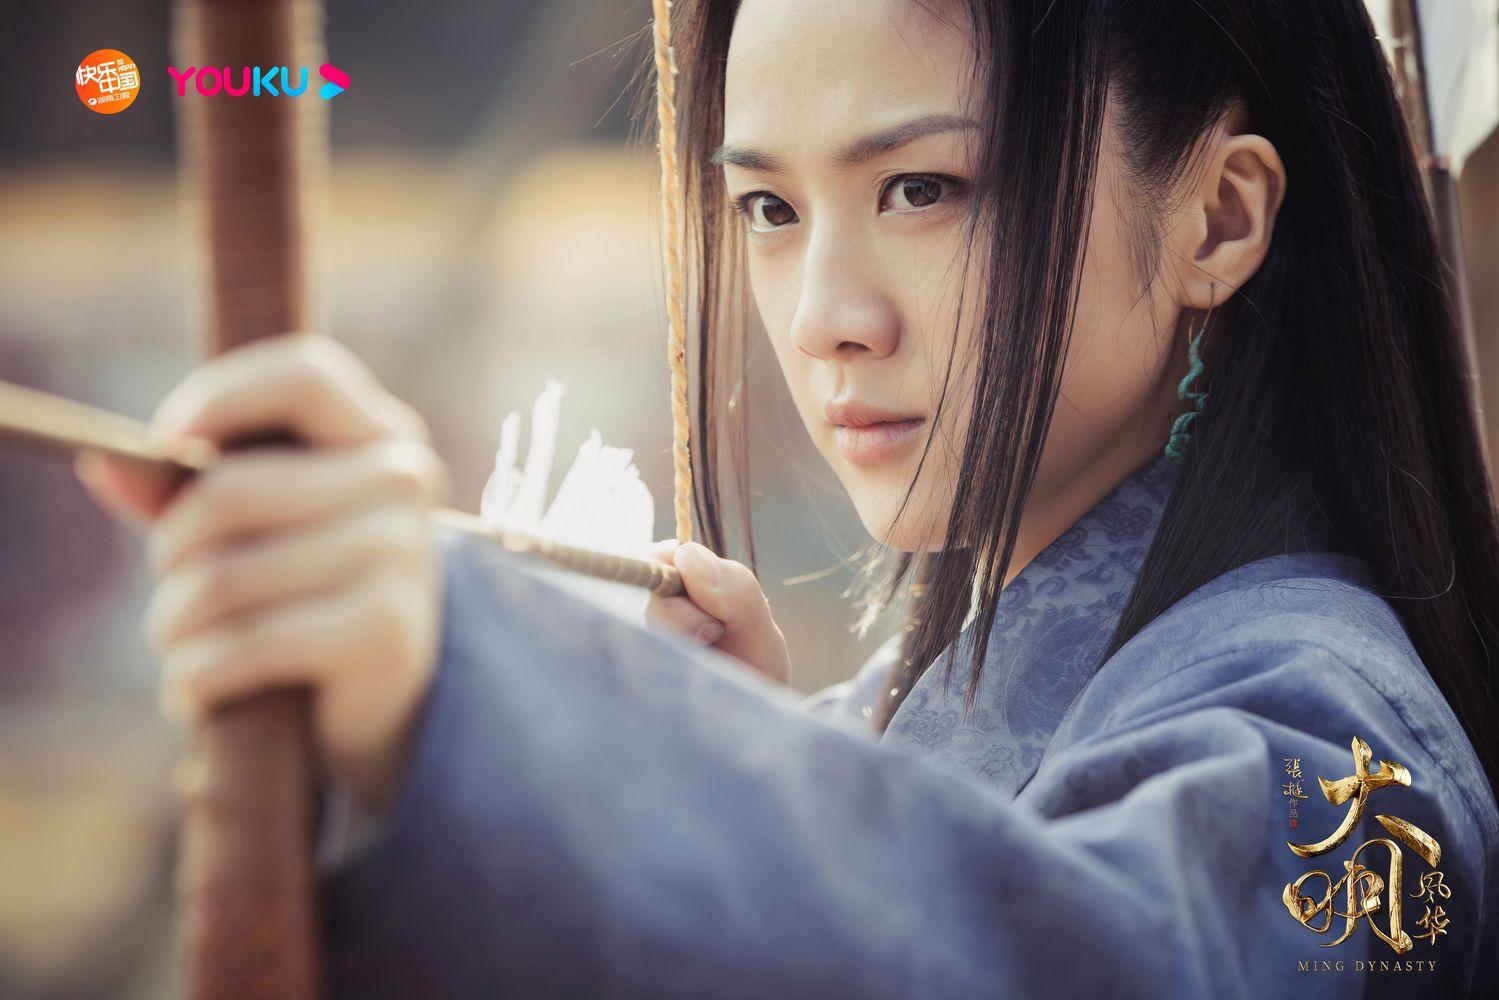 大明 湖南卫视《大明风华》首播霸屏 获双网同时段收视第一